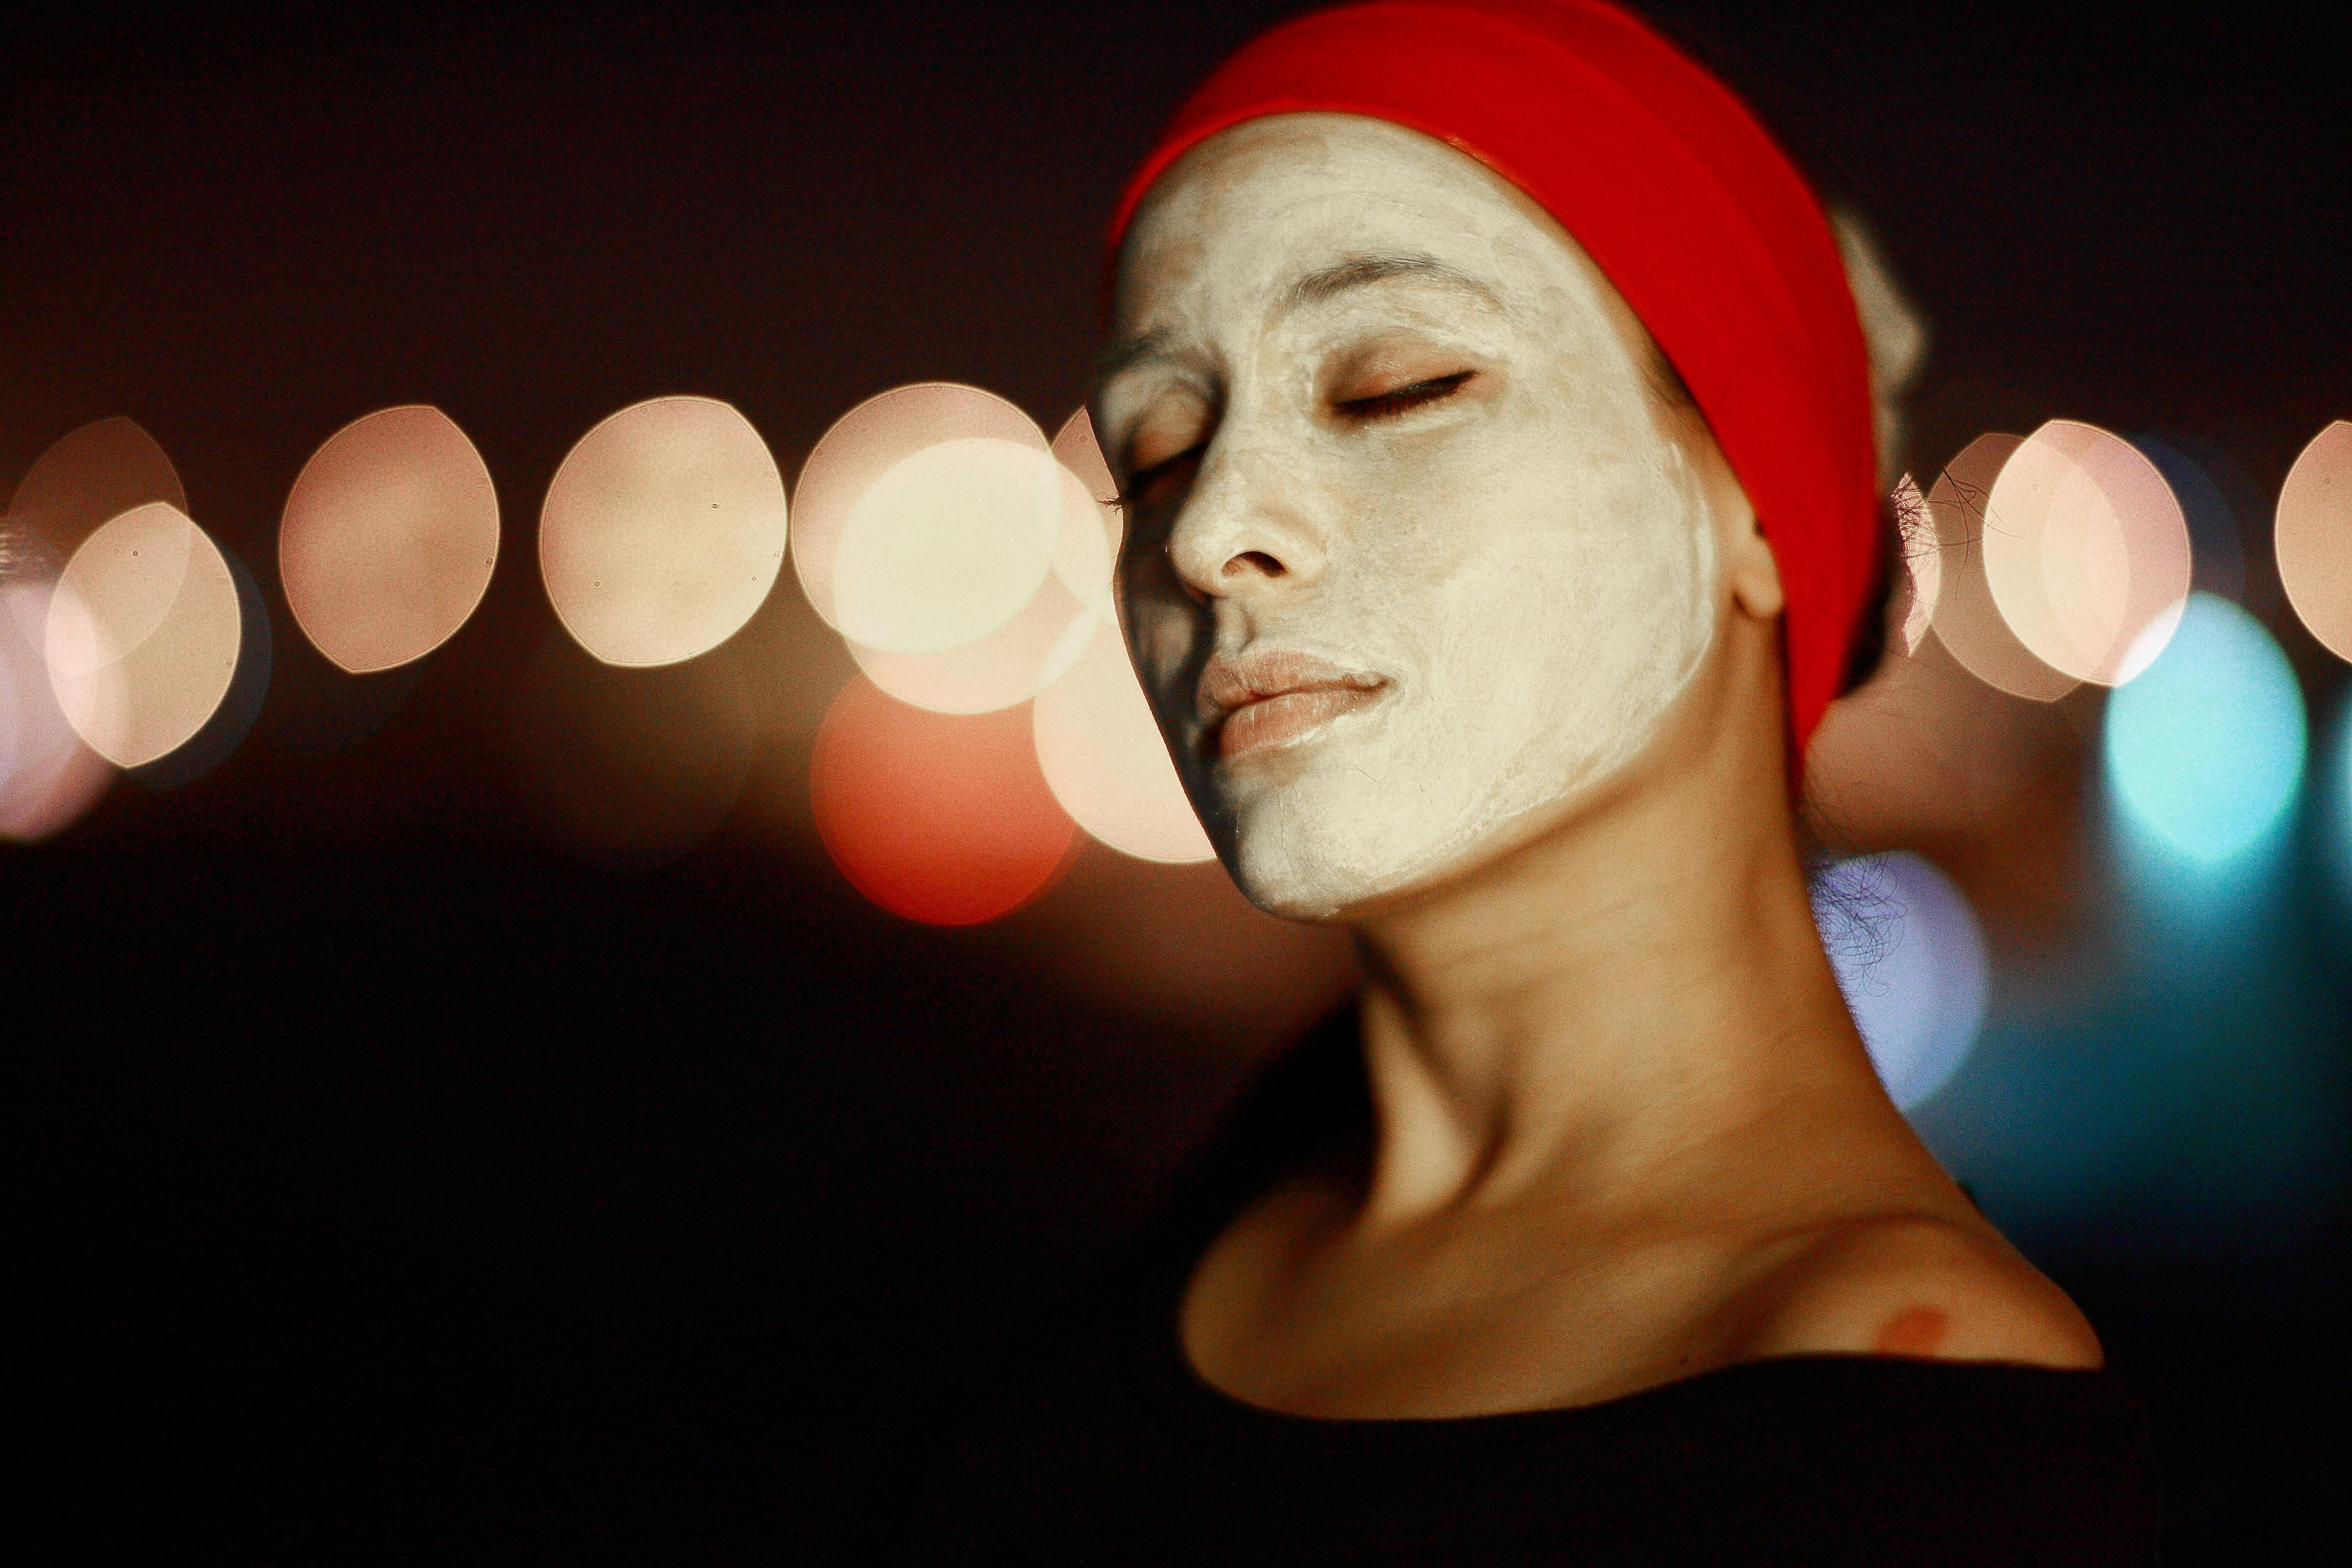 Efekti magjik i domates në fytyrë, si të përgatisim maska me dy përbërës